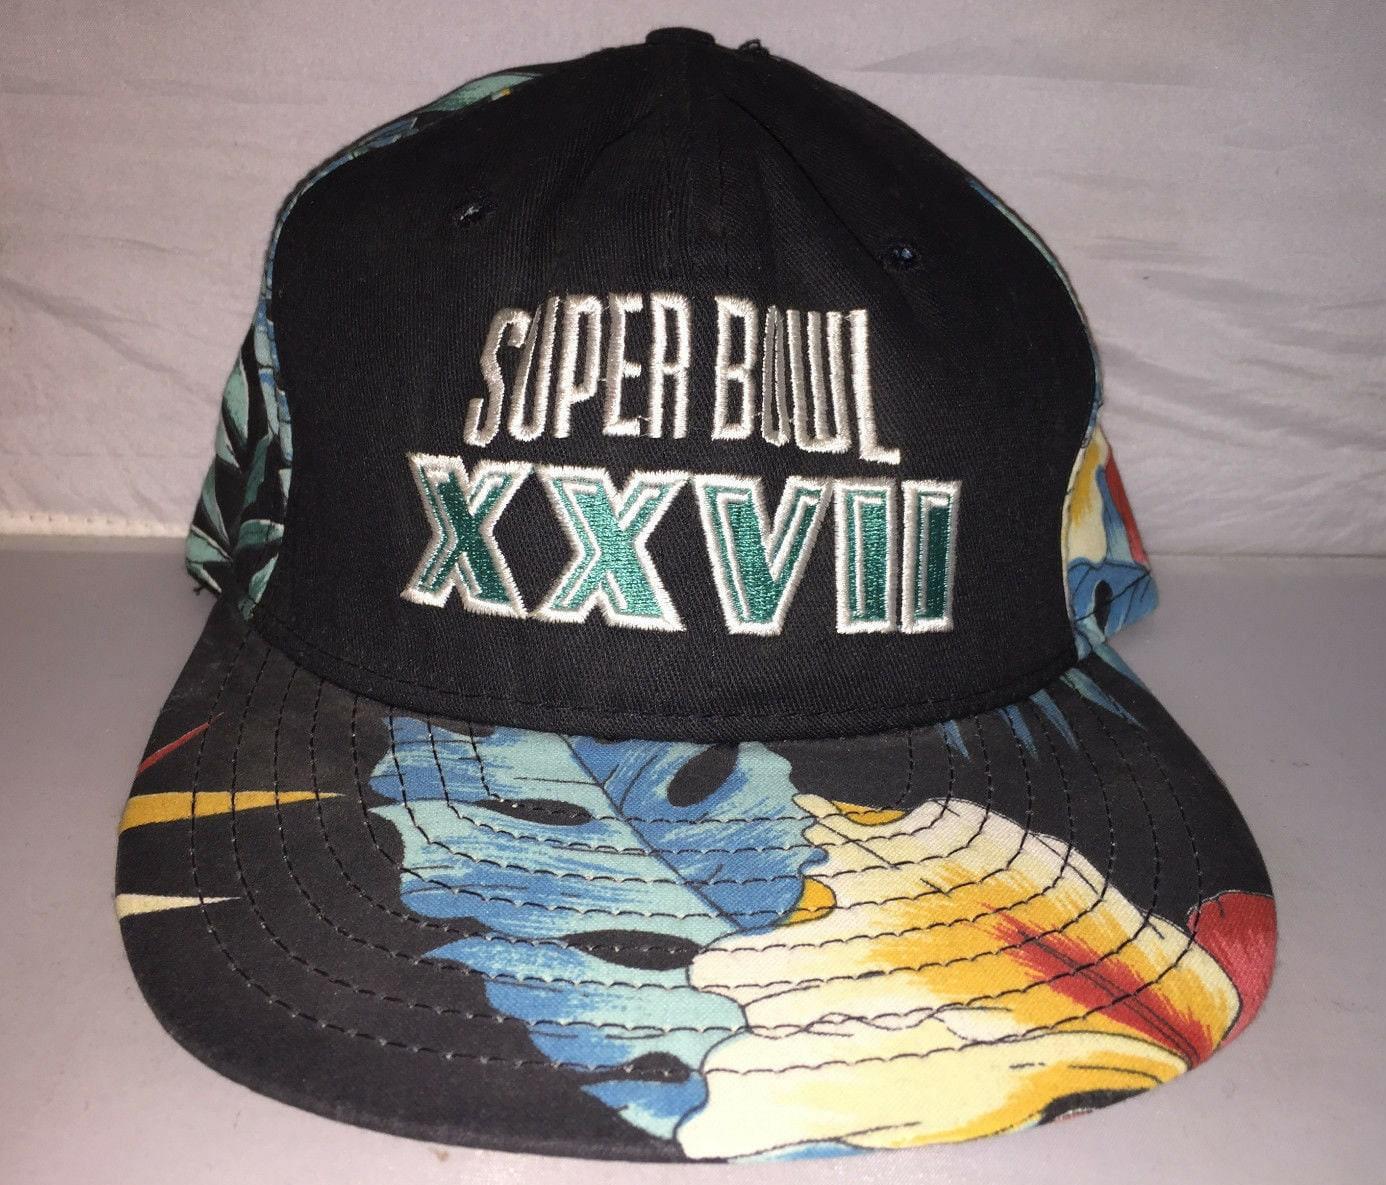 Vintage Super Bowl XXVII Snapback hat cap rare 80s floral  deac40a55